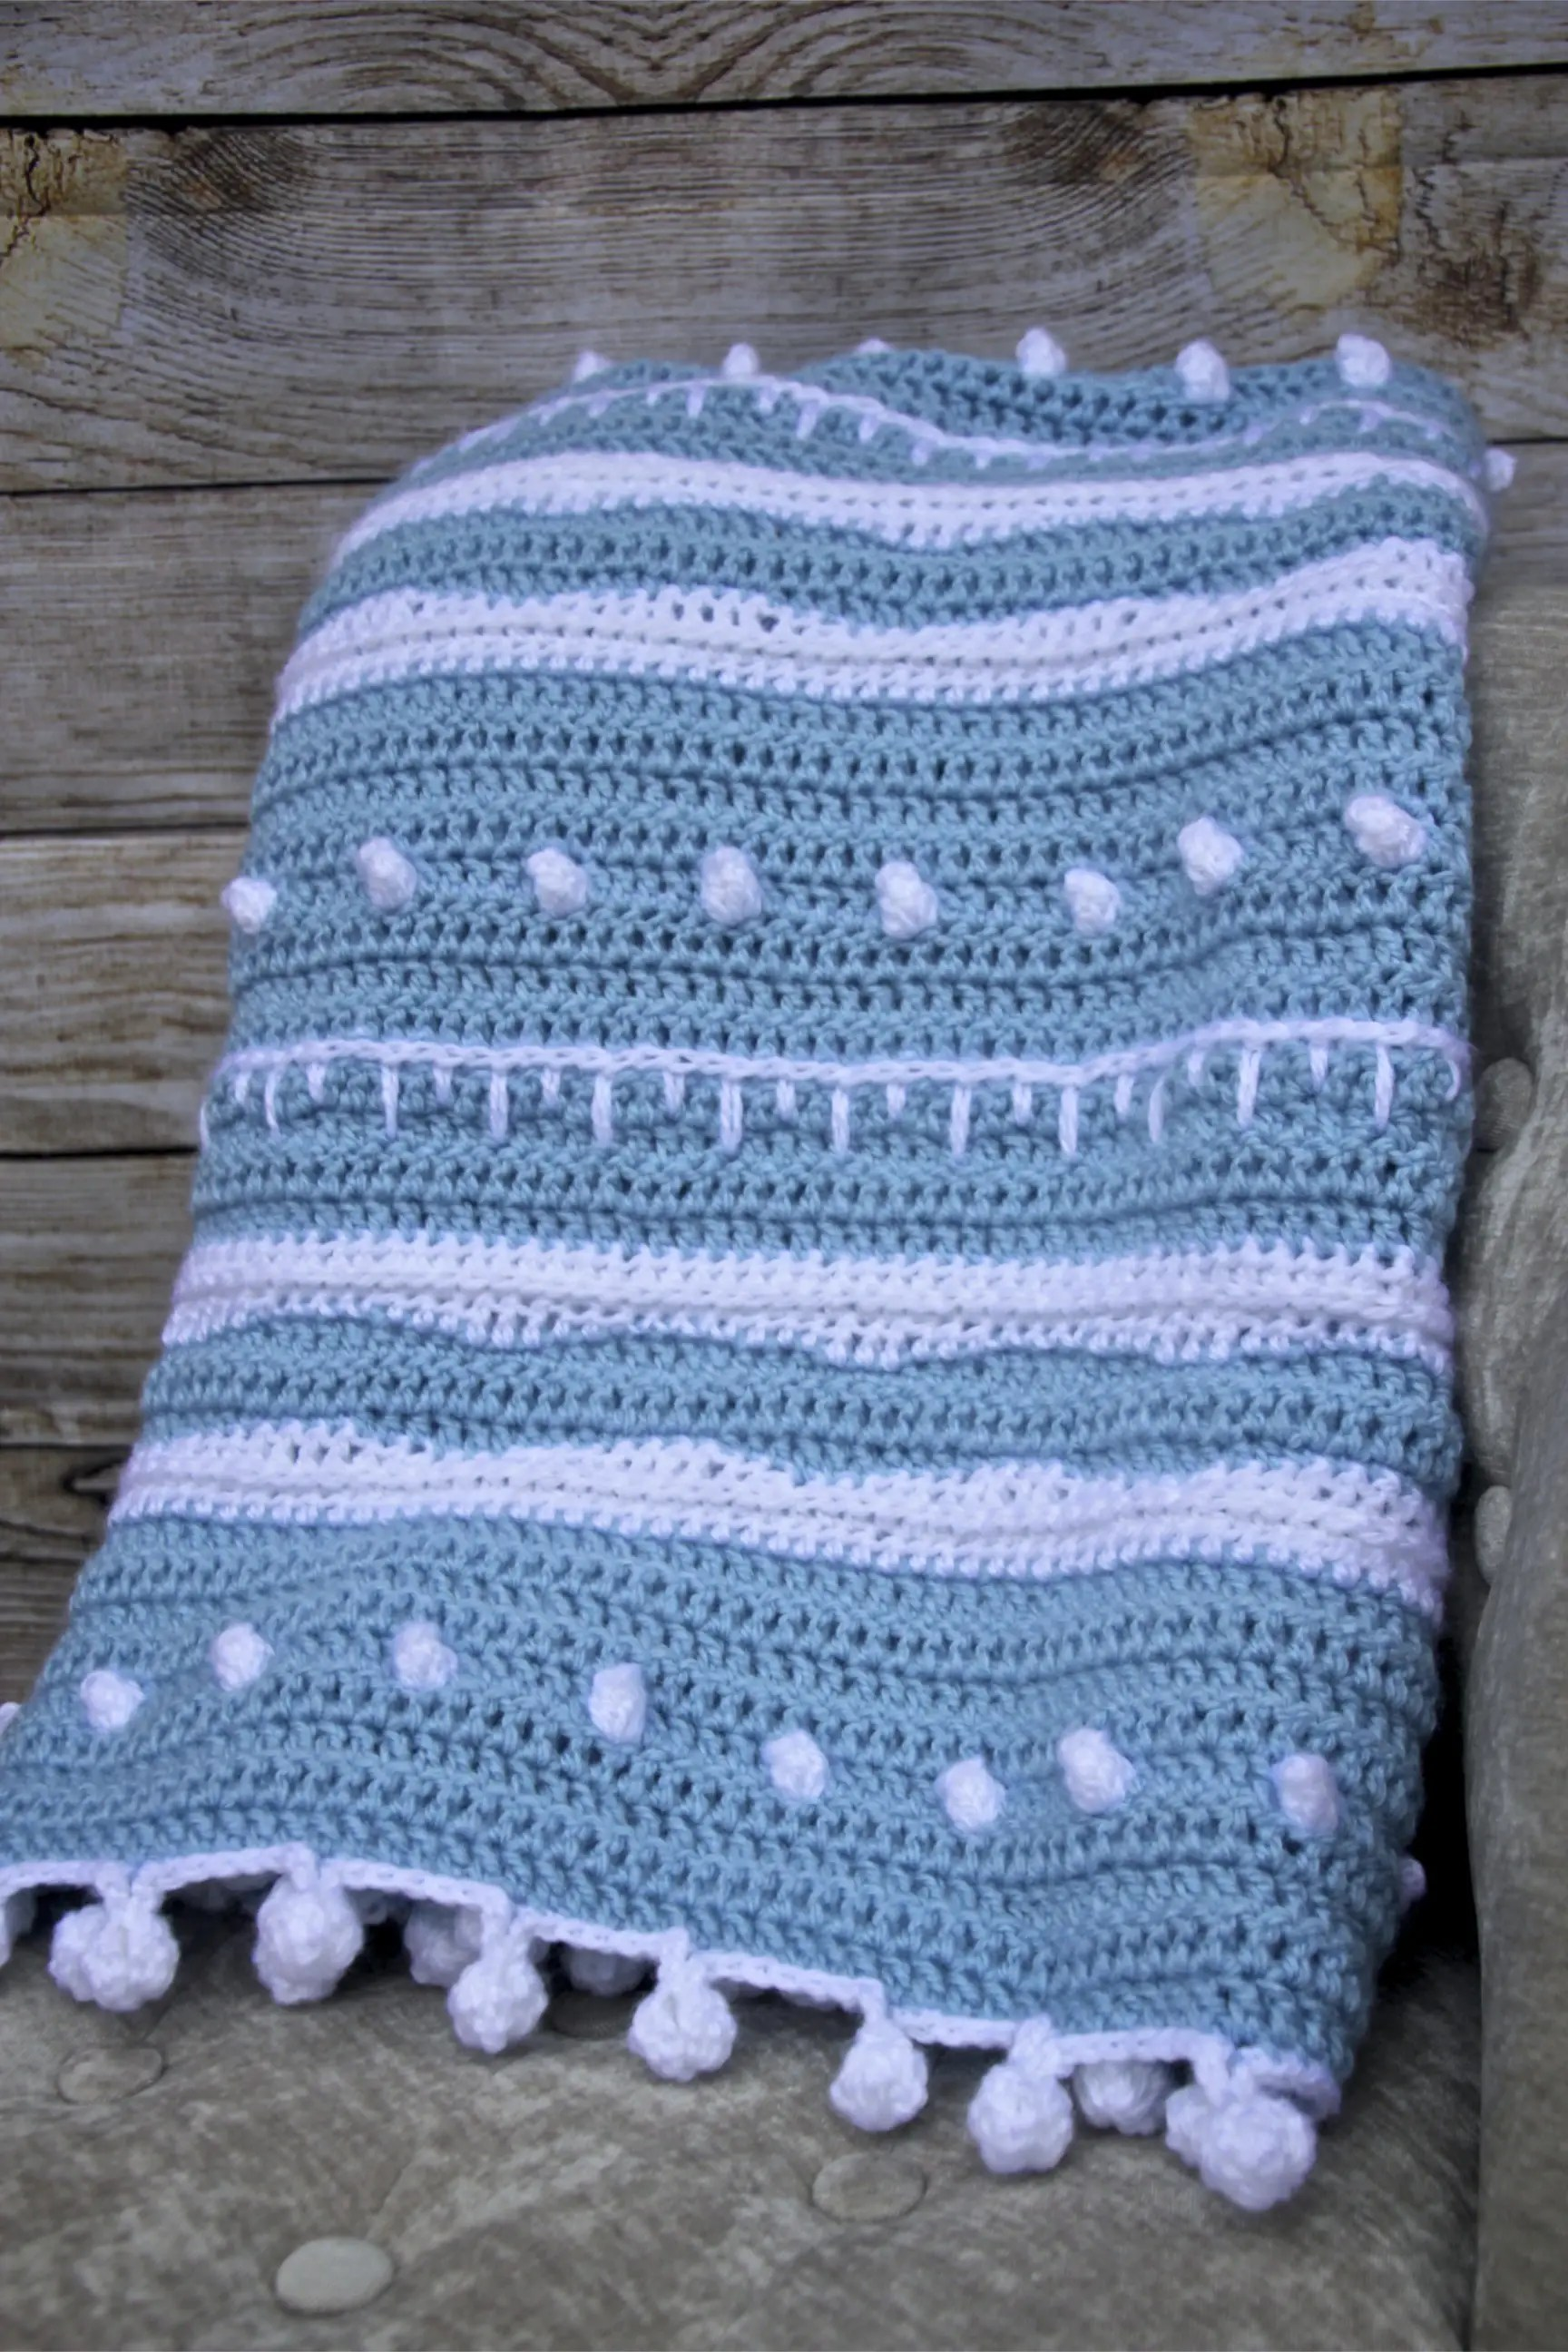 Winter Rhapsody Free Crochet Lap Blanket Stitch Sampler Pattern